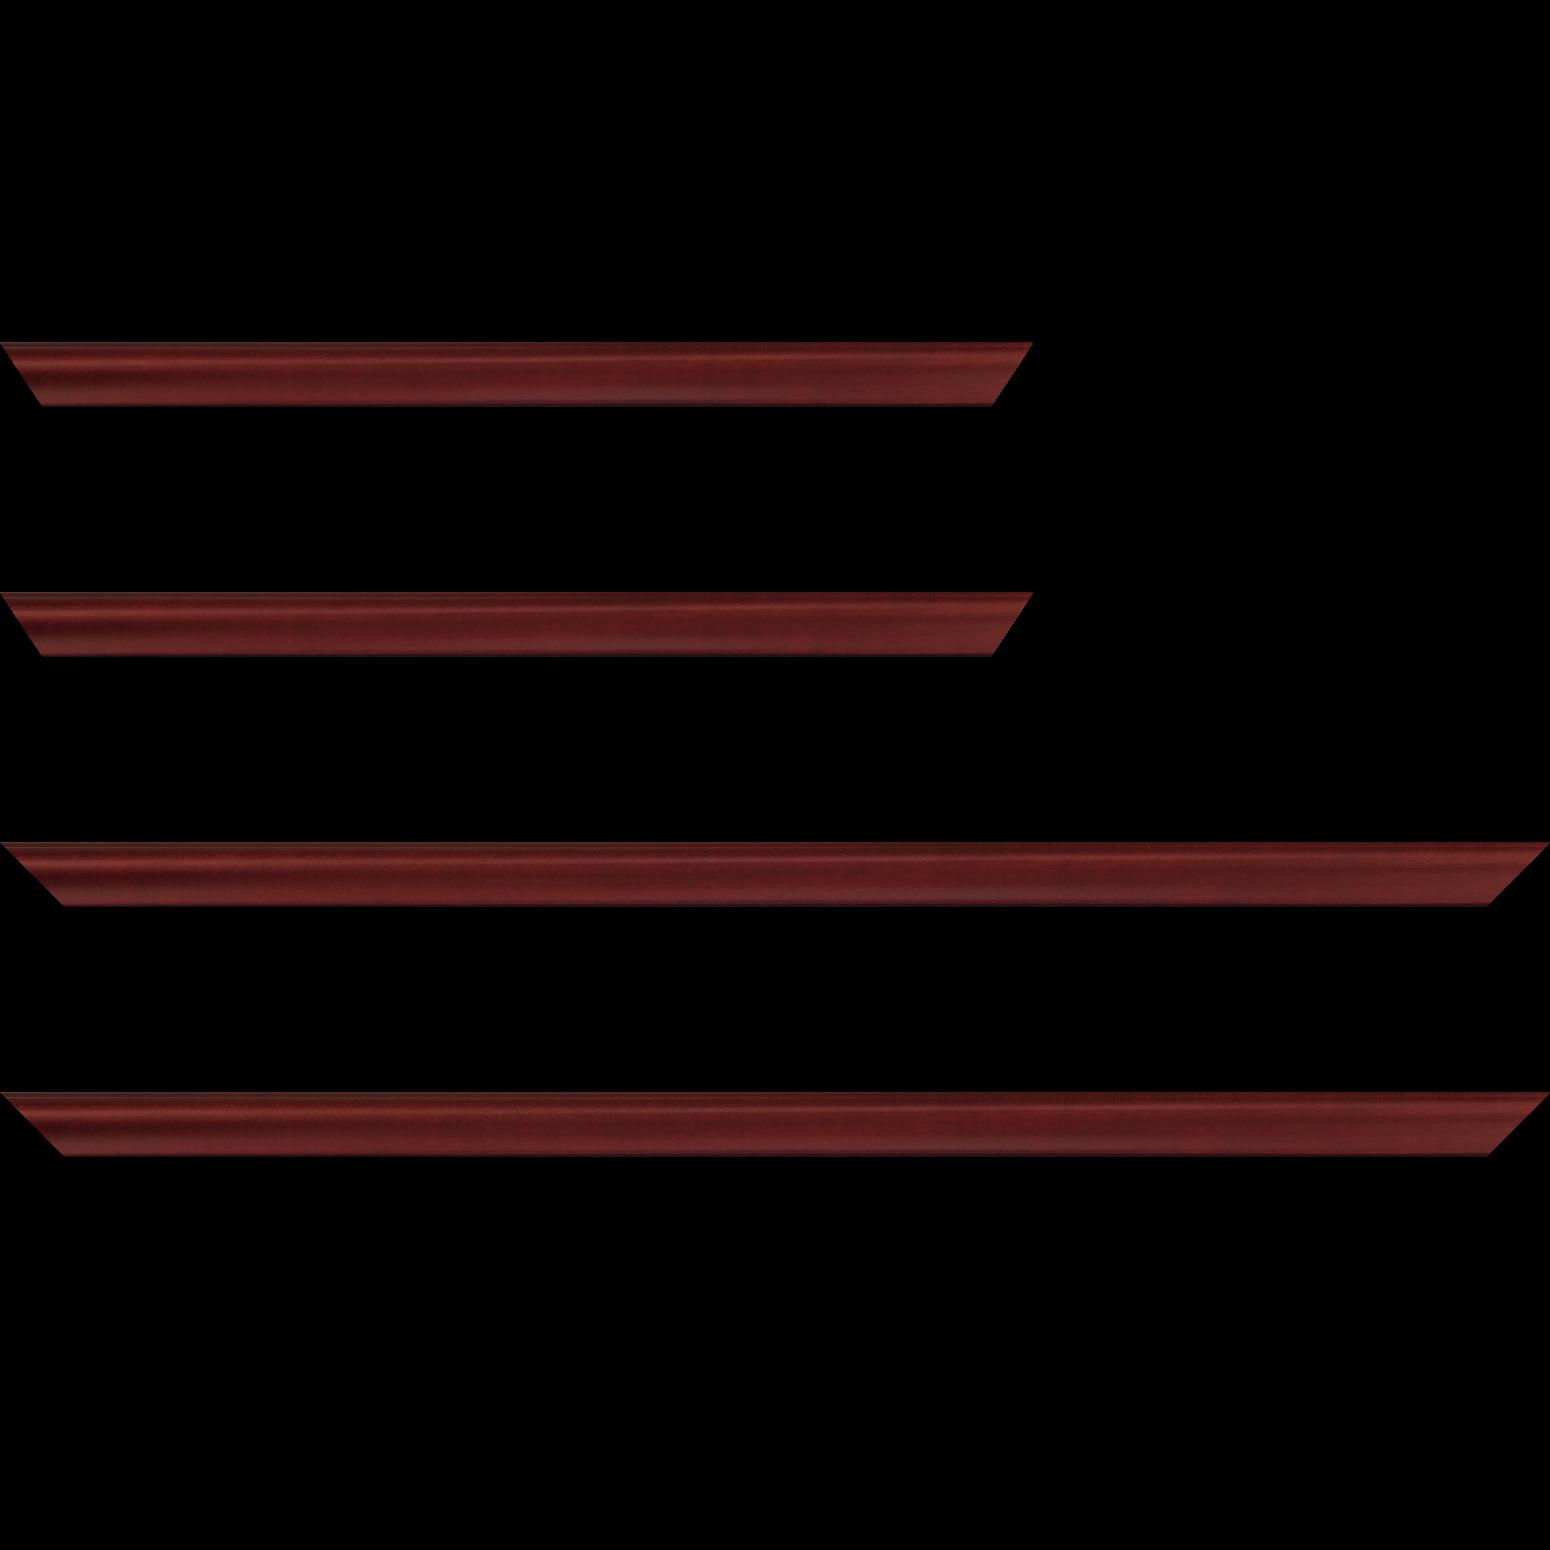 Baguette service précoupé Bois profil incuvé largeur 2.1cm couleur bordeaux satiné